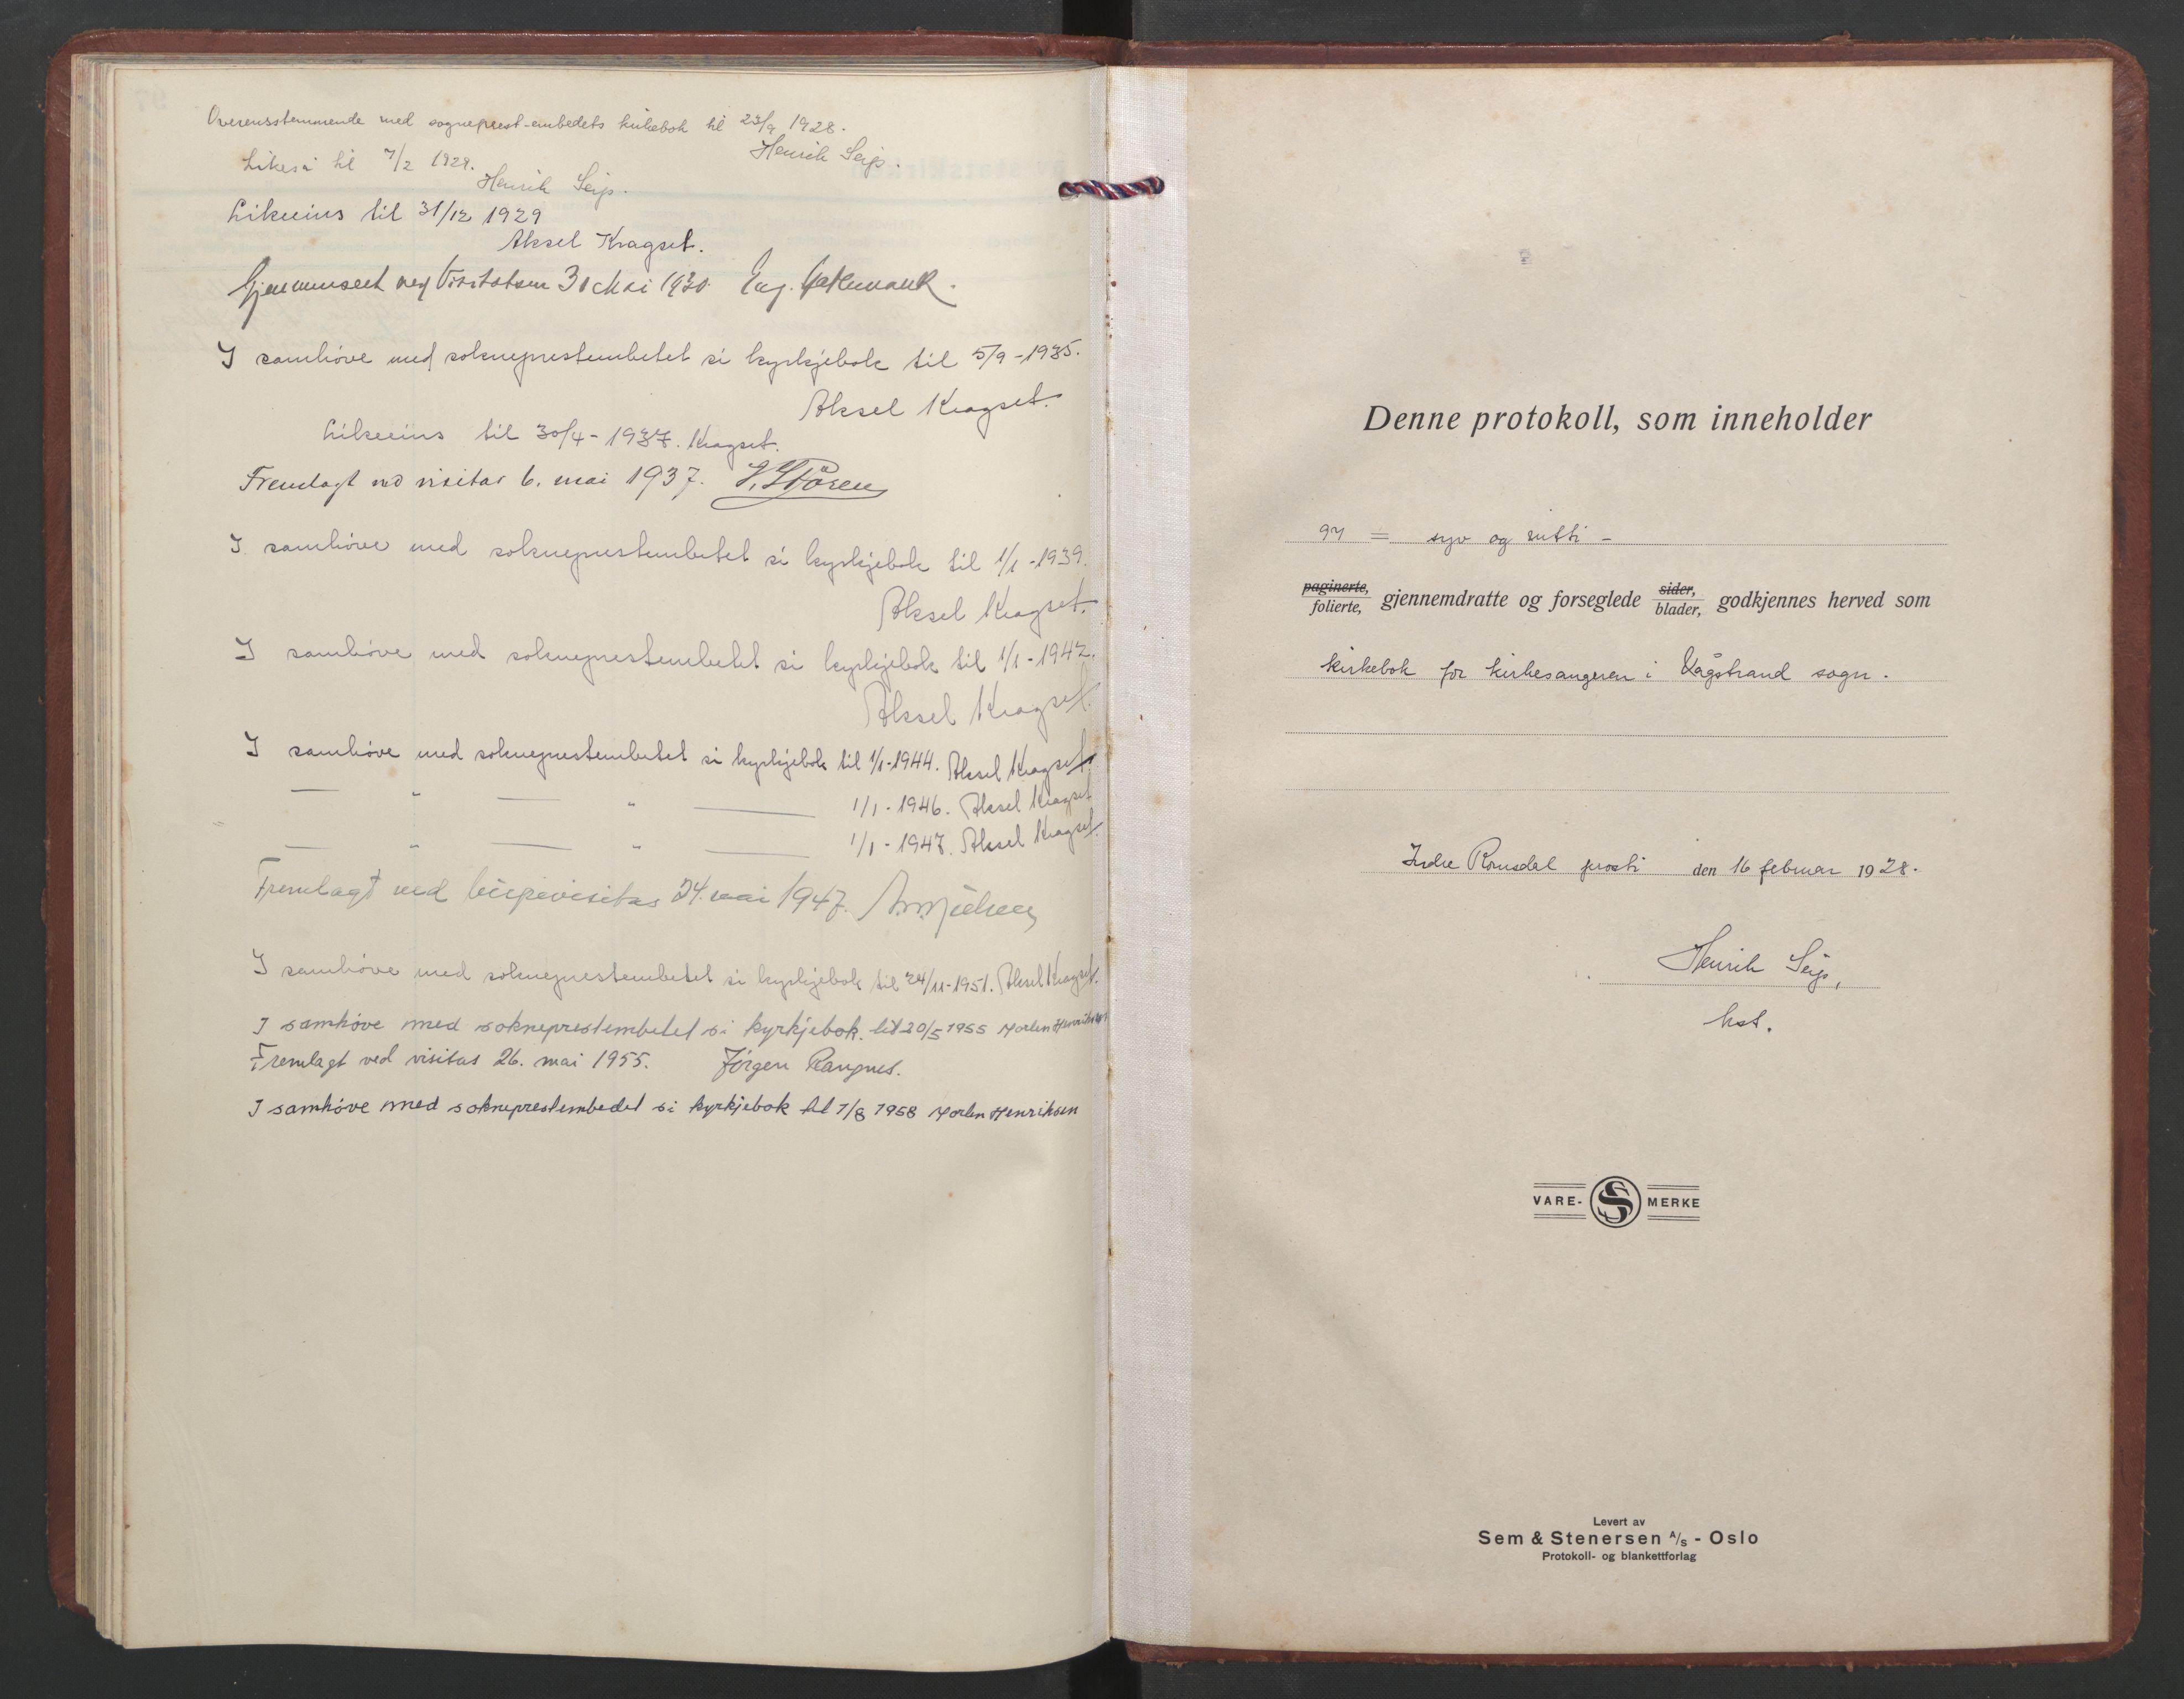 SAT, Ministerialprotokoller, klokkerbøker og fødselsregistre - Møre og Romsdal, 550/L0619: Klokkerbok nr. 550C02, 1928-1967